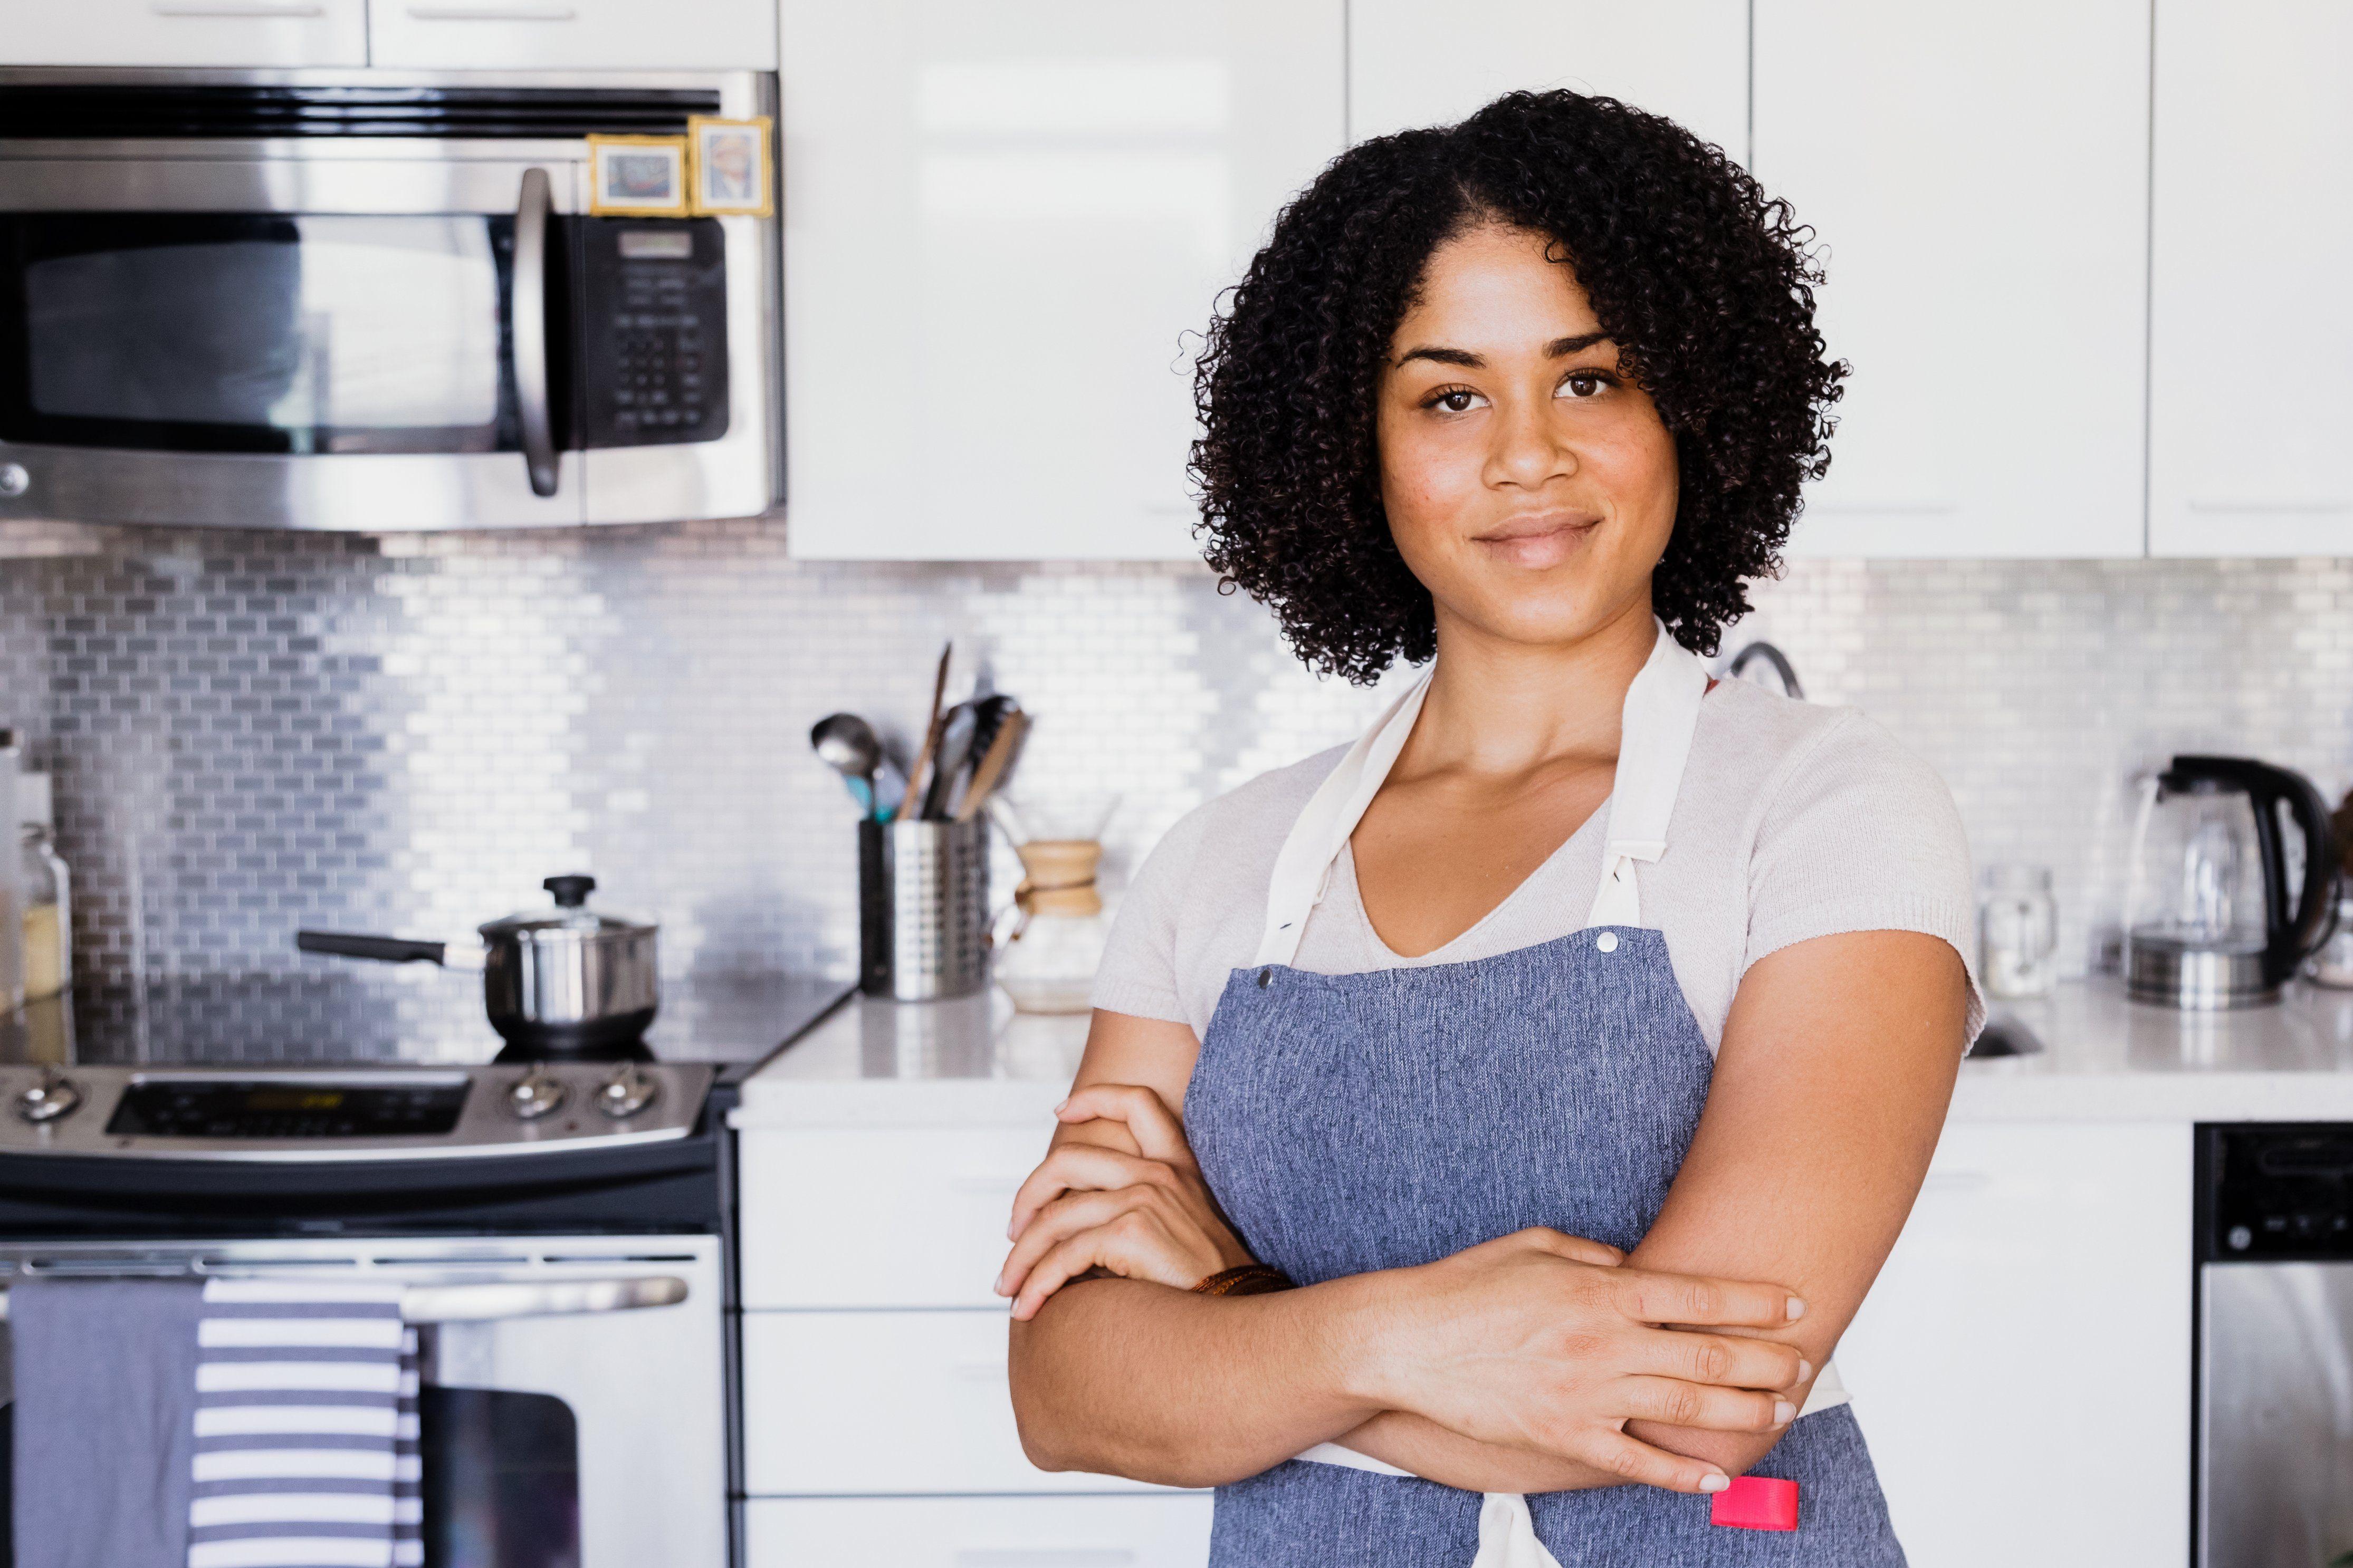 Trouver un revenu complémentaire en tant que cuisinier à domicile